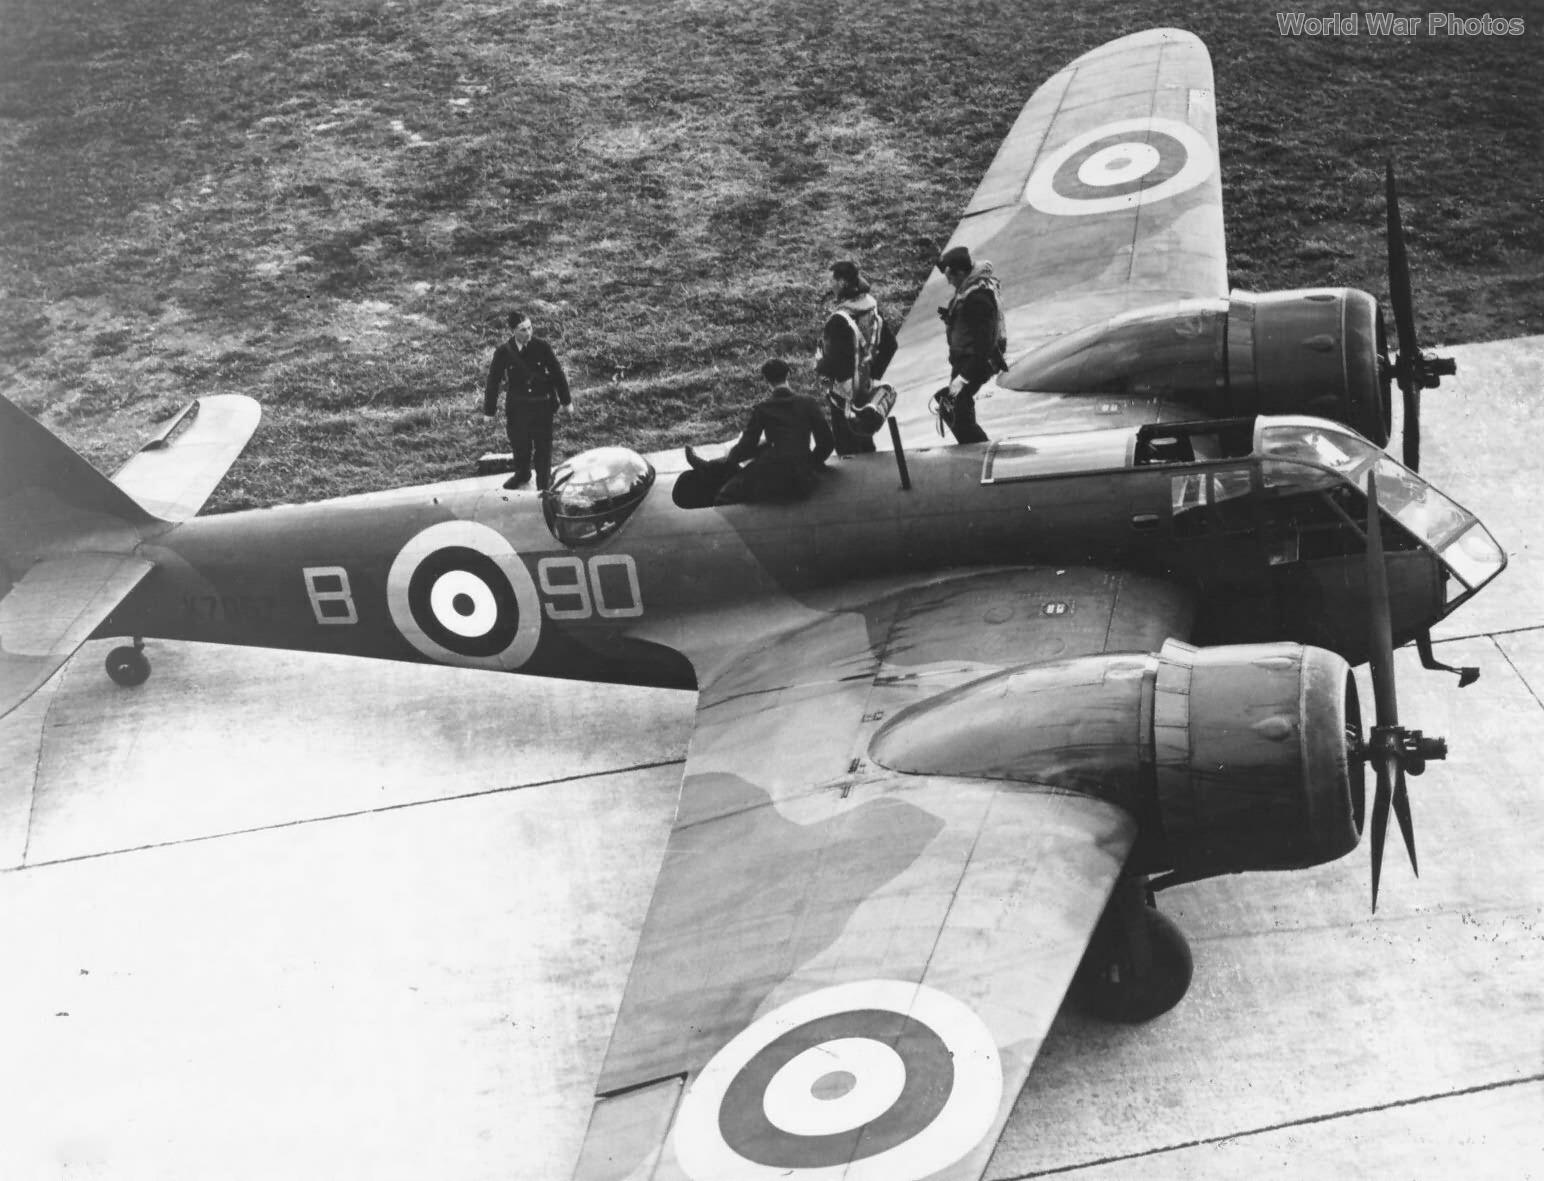 Bristol Blenheim No 90 Squadron